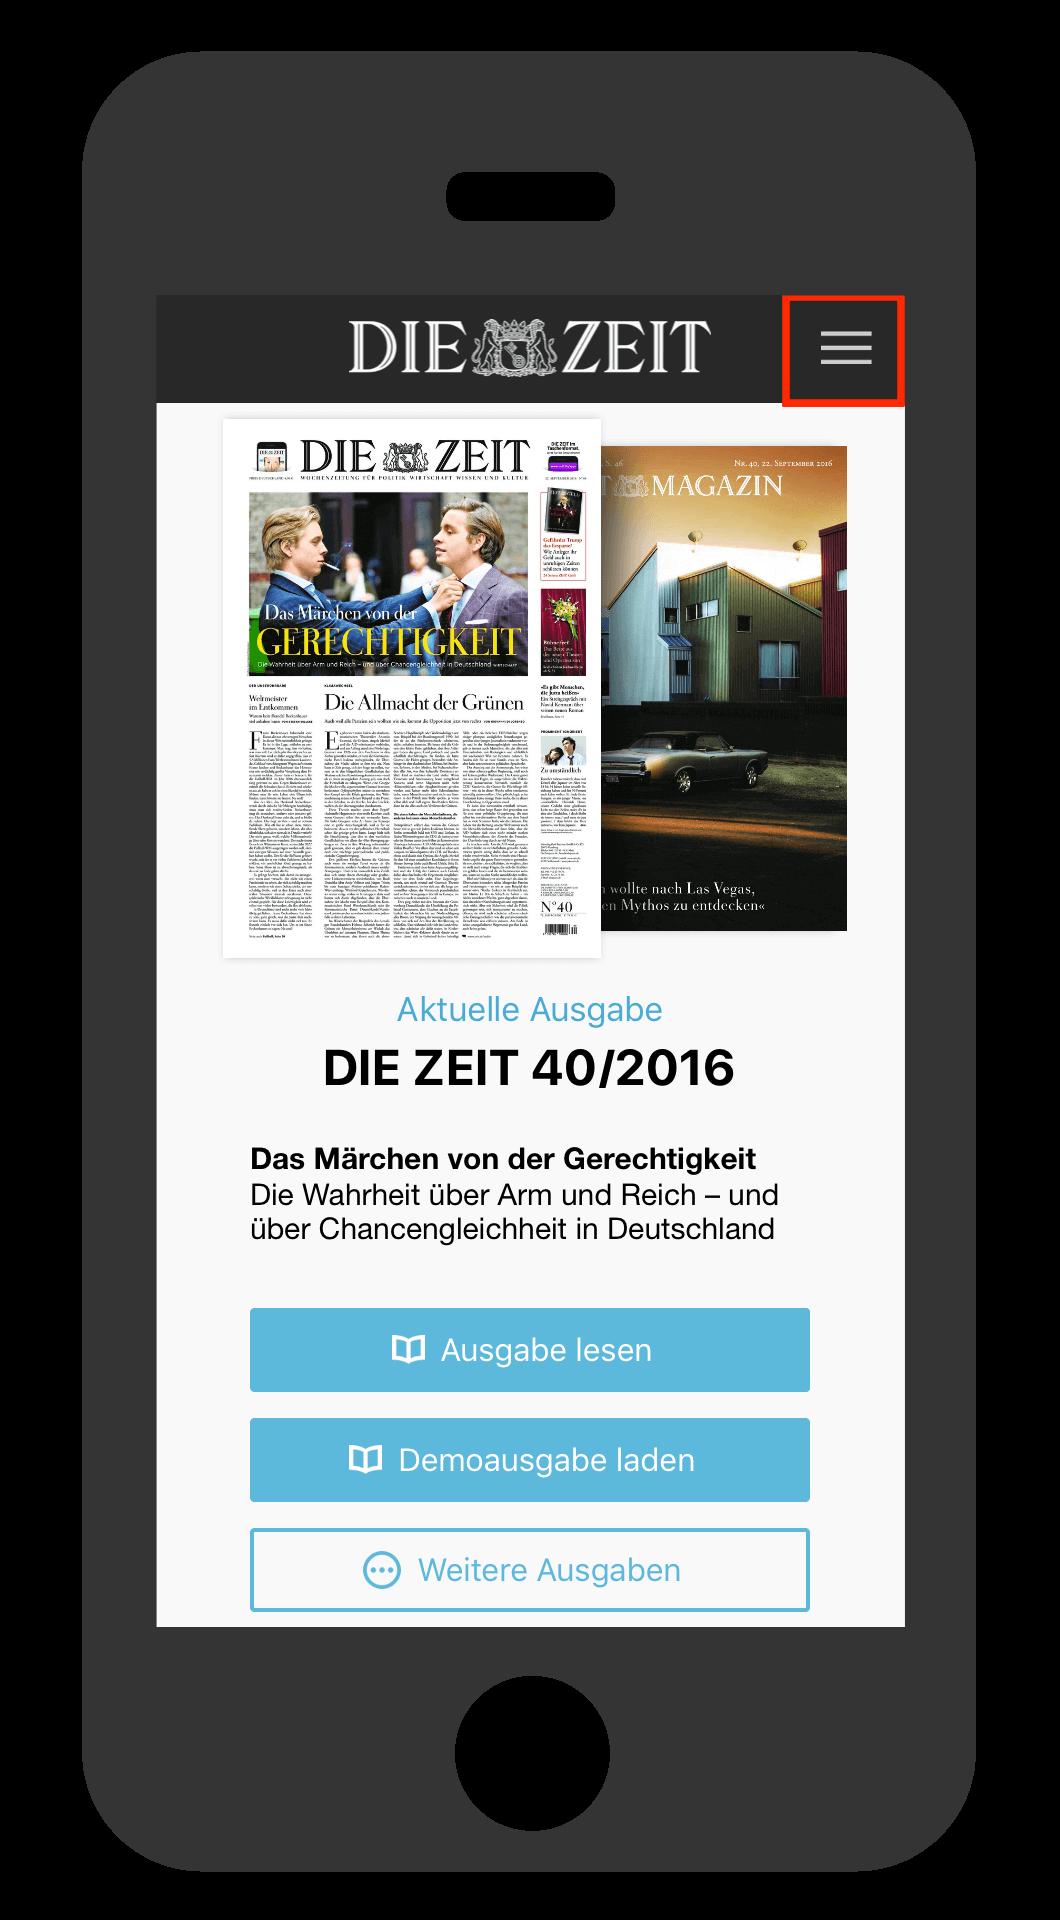 iPhone ZEIT E-Paper-App wo finde ich die App-ID